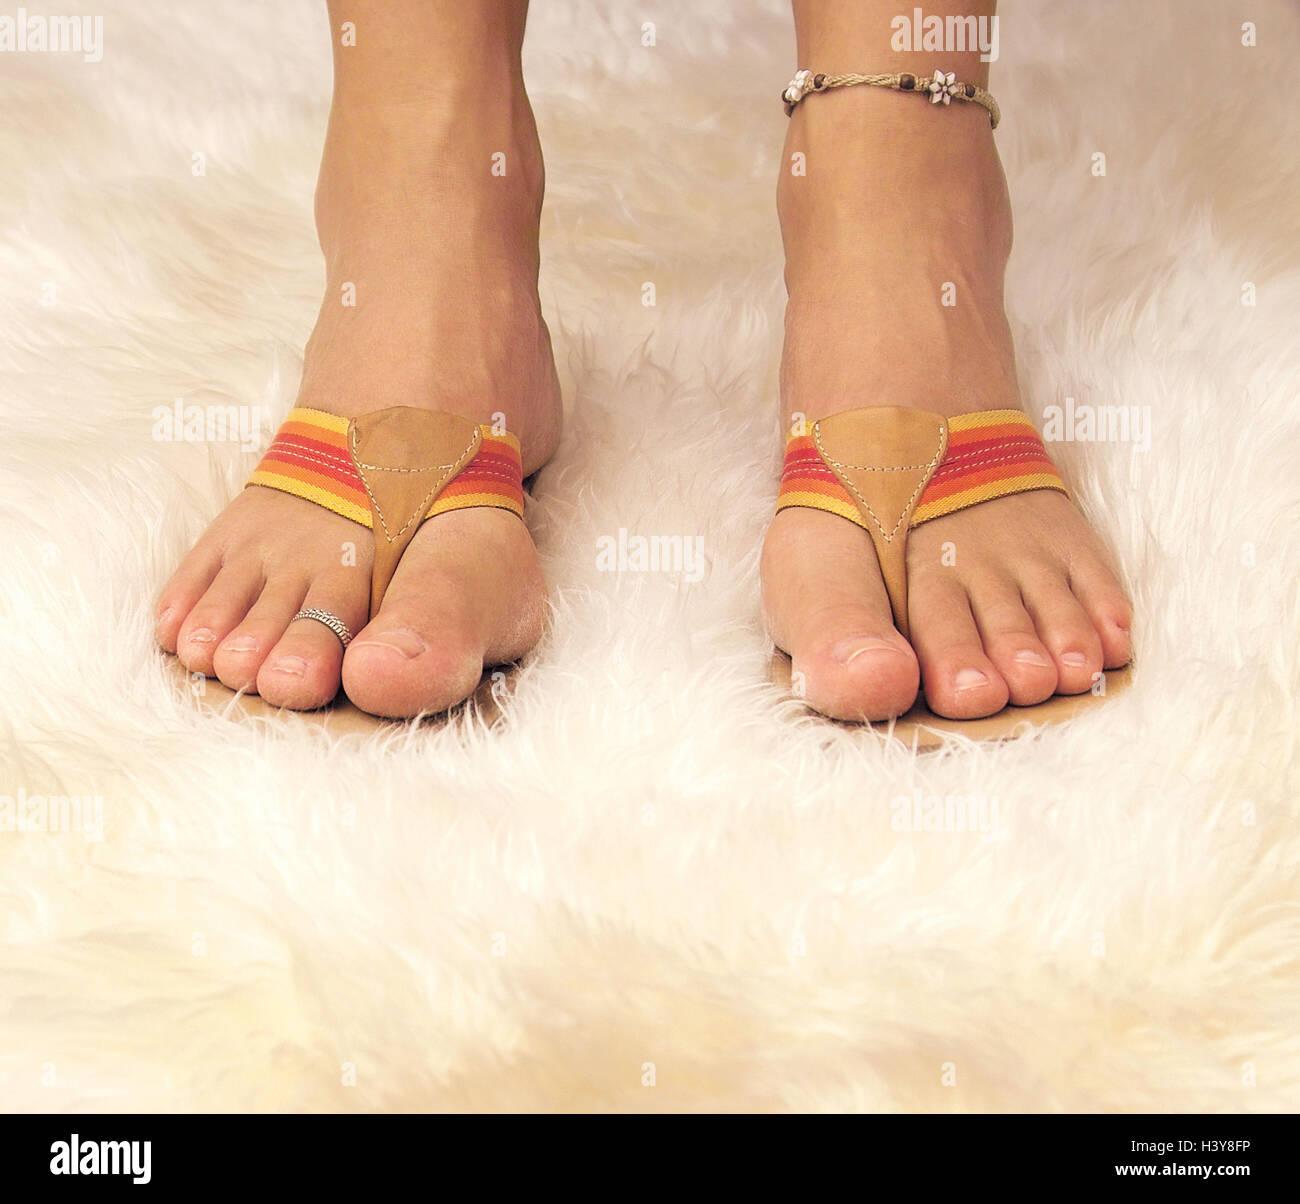 Fur Fur FeetSandalsWomanDetailShoes FeetSandalsWomanDetailShoes CarpetWomen's CarpetWomen's Fur kP08OXnw